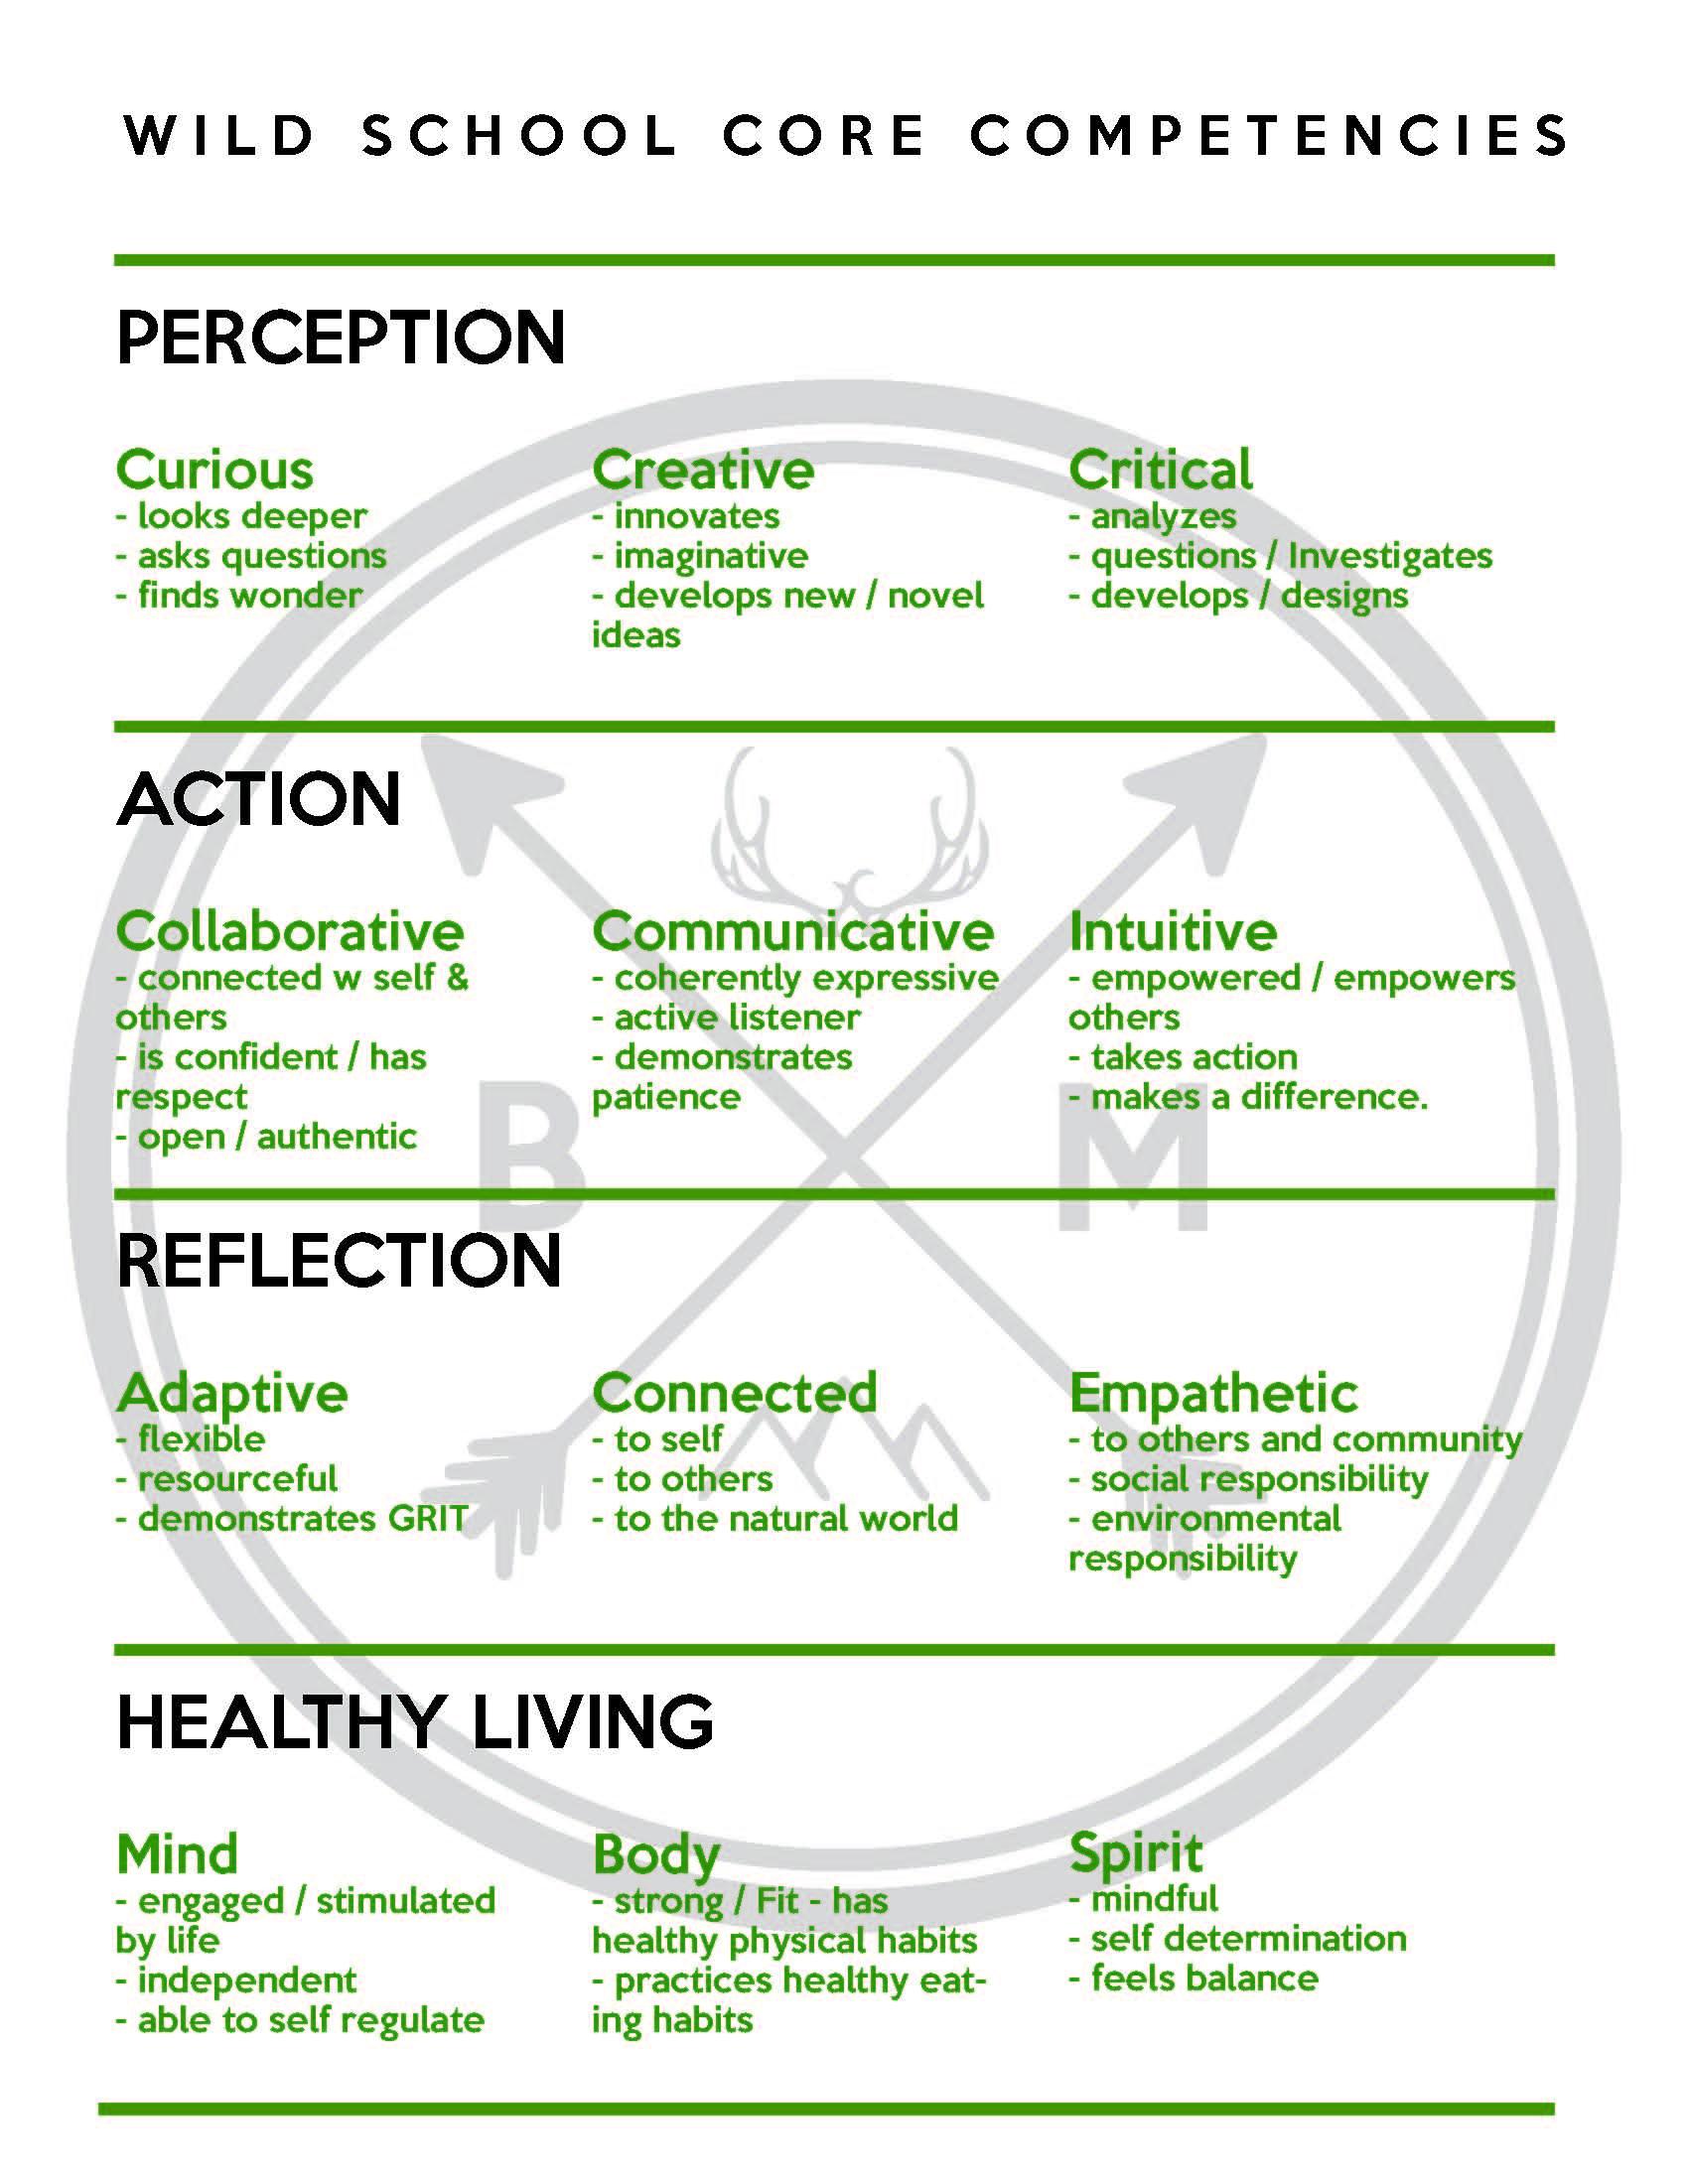 Wild School core competencies